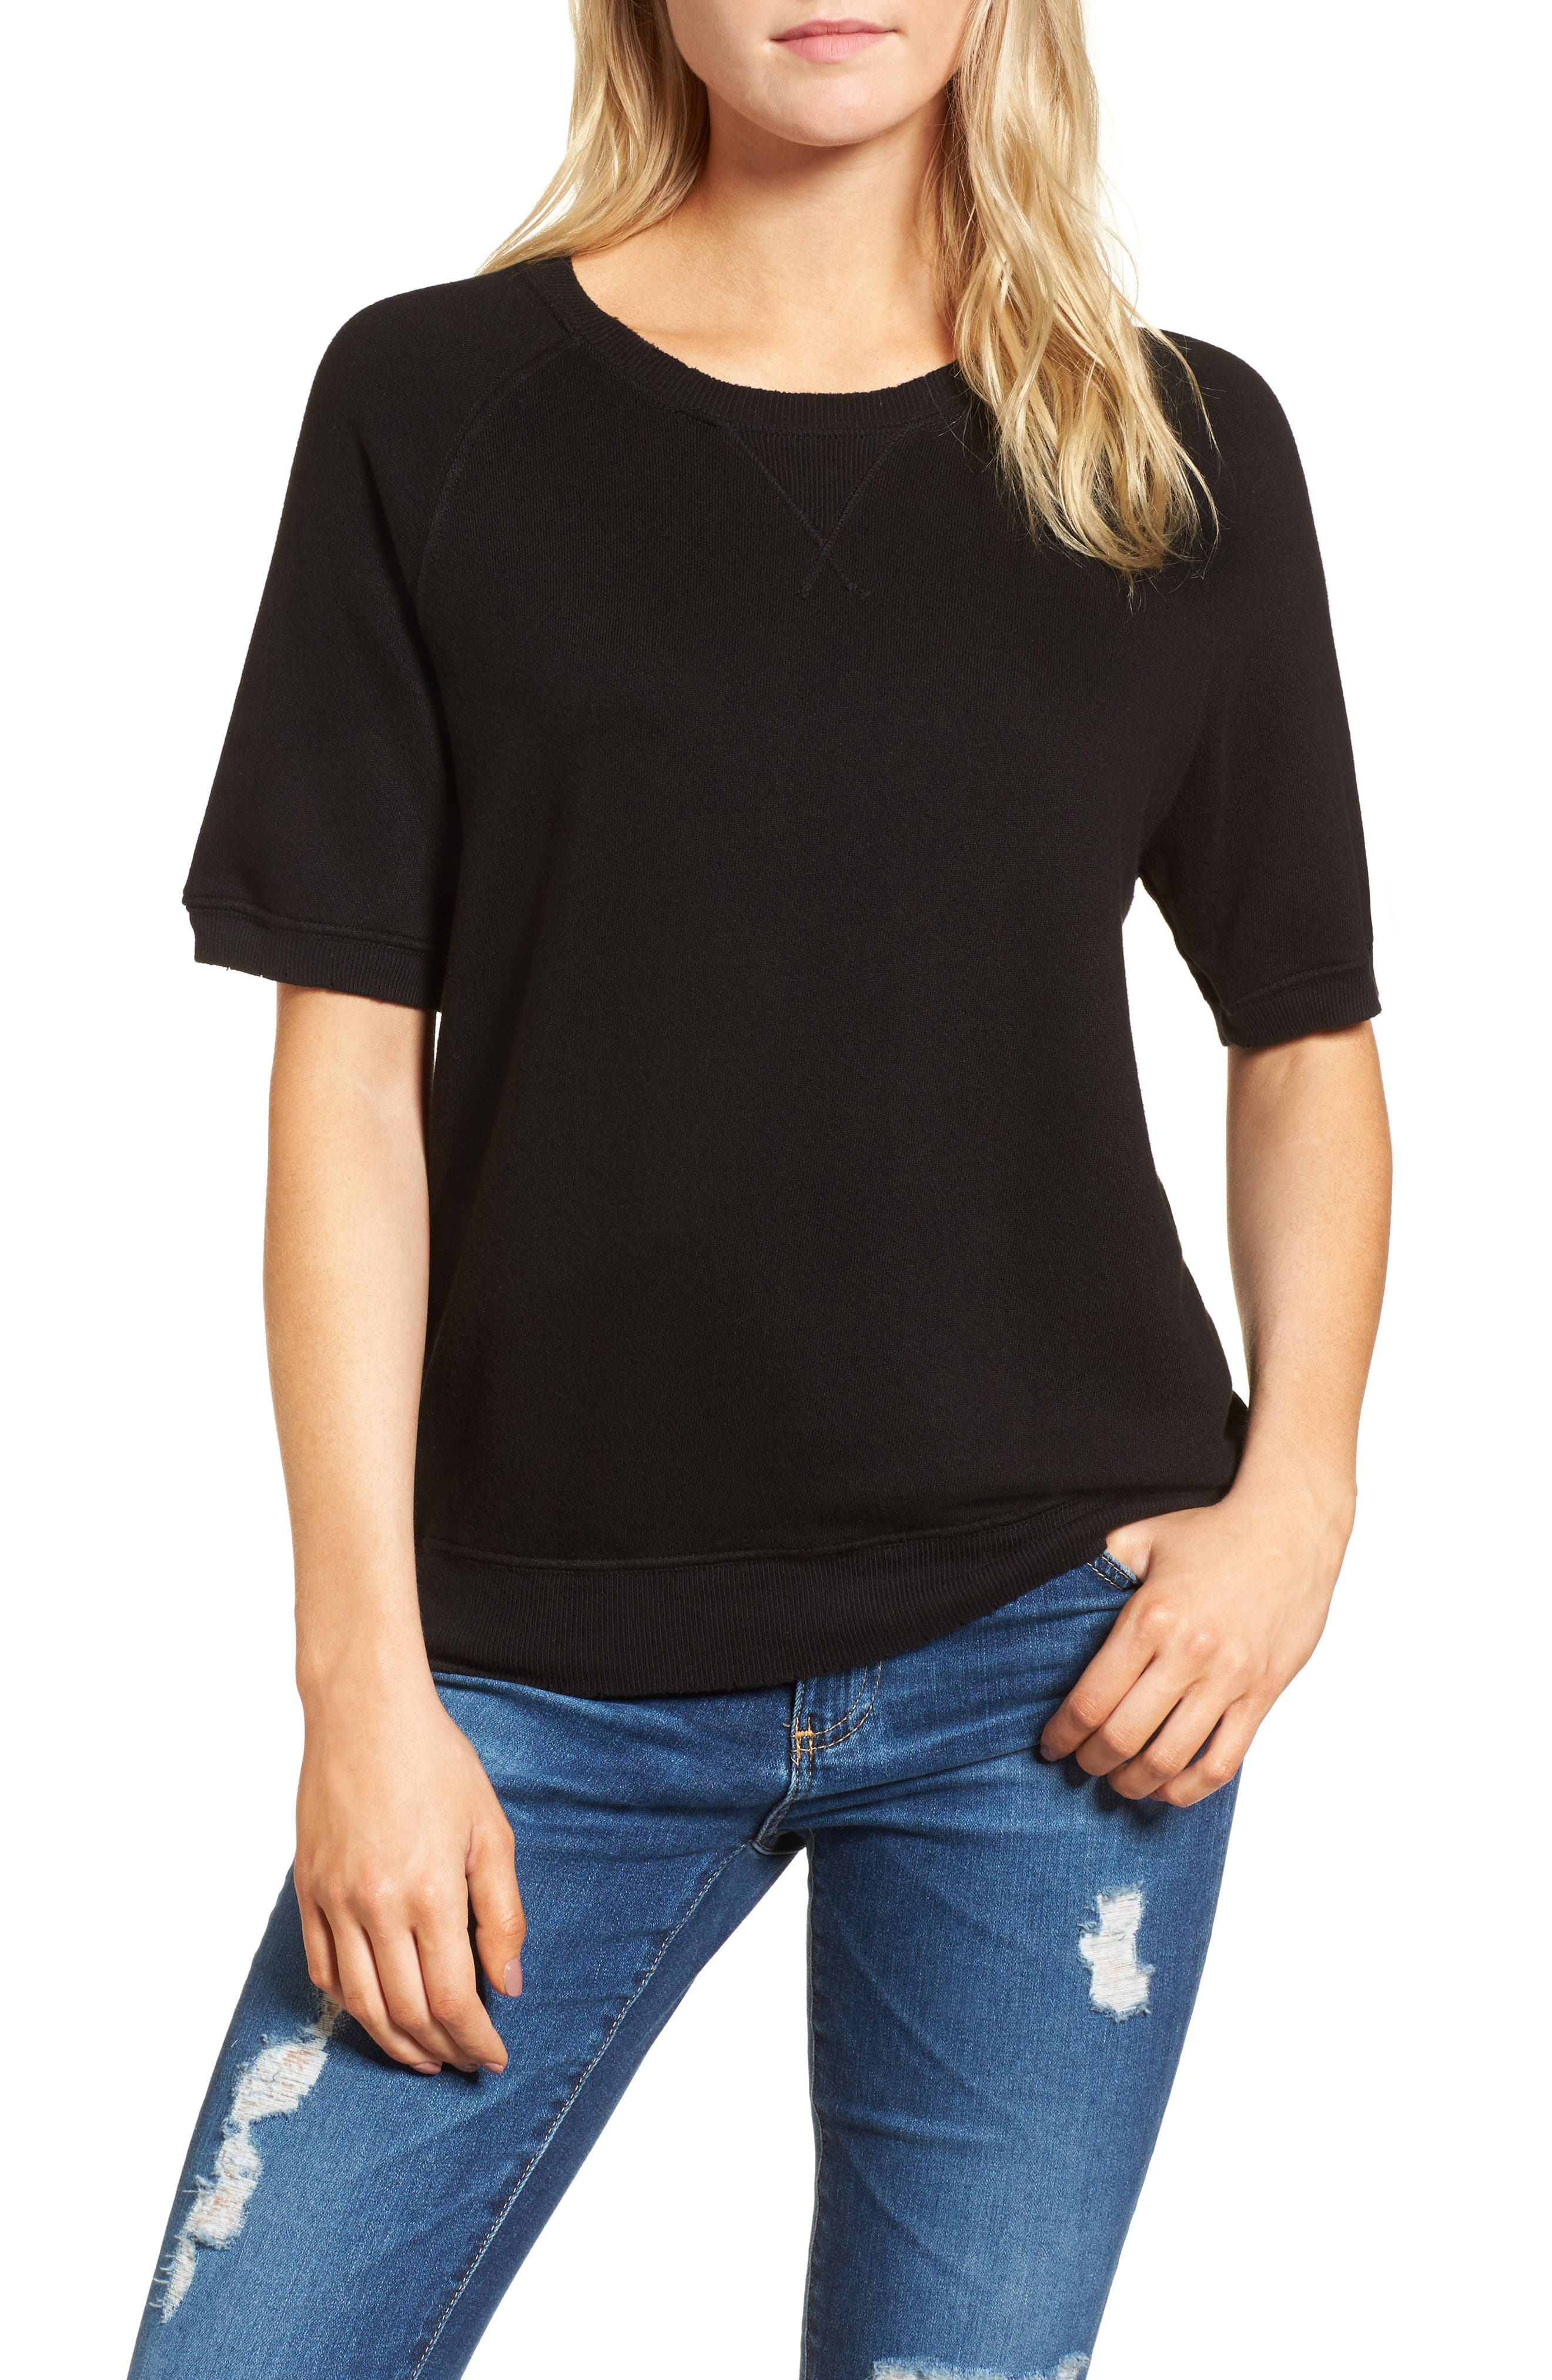 Alternate Image 1 Selected - n:PHILANTHROPY Ace Sweatshirt